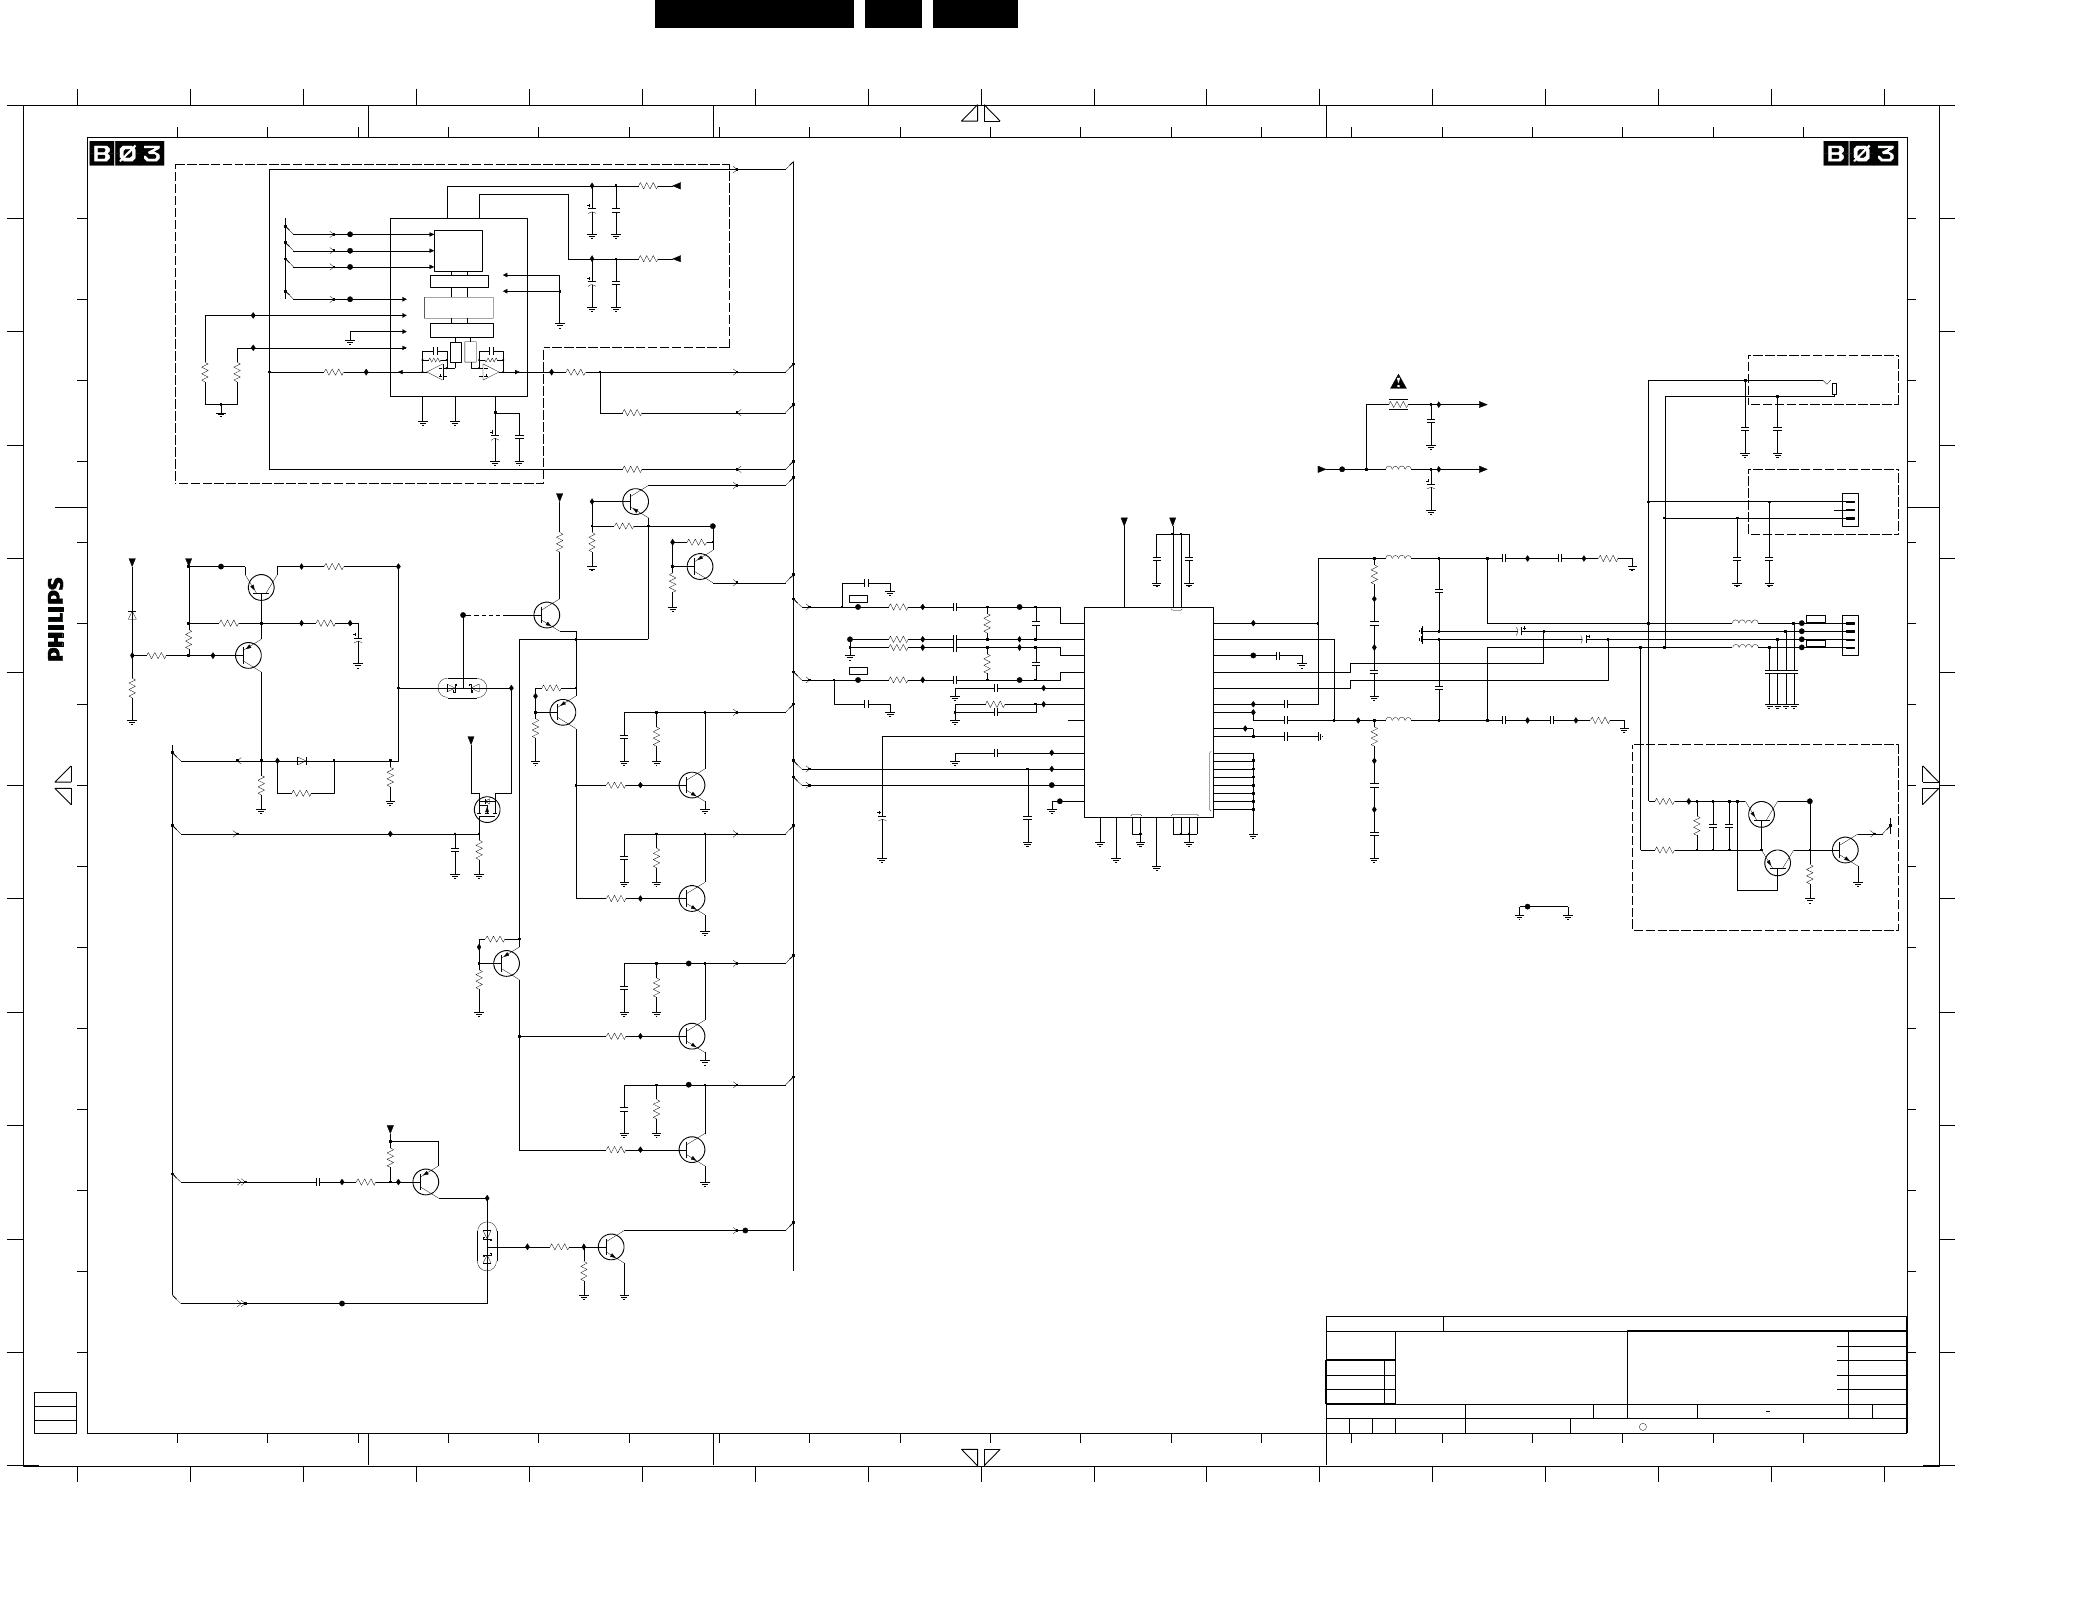 Lc92l La 3122 785 18700 100701 42pfl5604d 78 Lc92lla Dvb T Circuit Diagram Diagrams And Pwb Layouts En 59lc92l 10